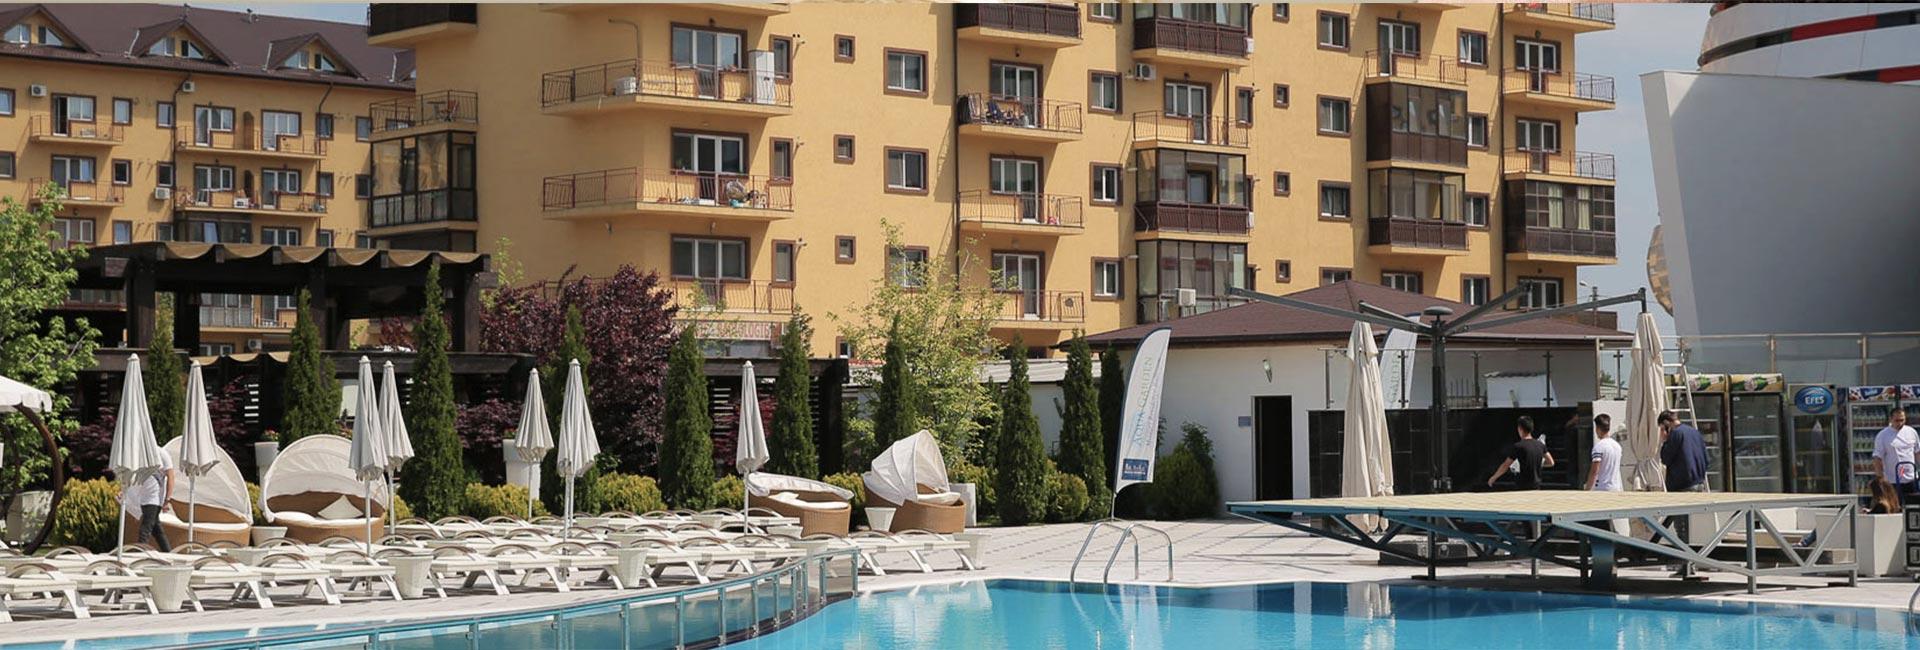 Militari Residence – cel mai mare proiect imobiliar din zona de vest al Bucurestiului